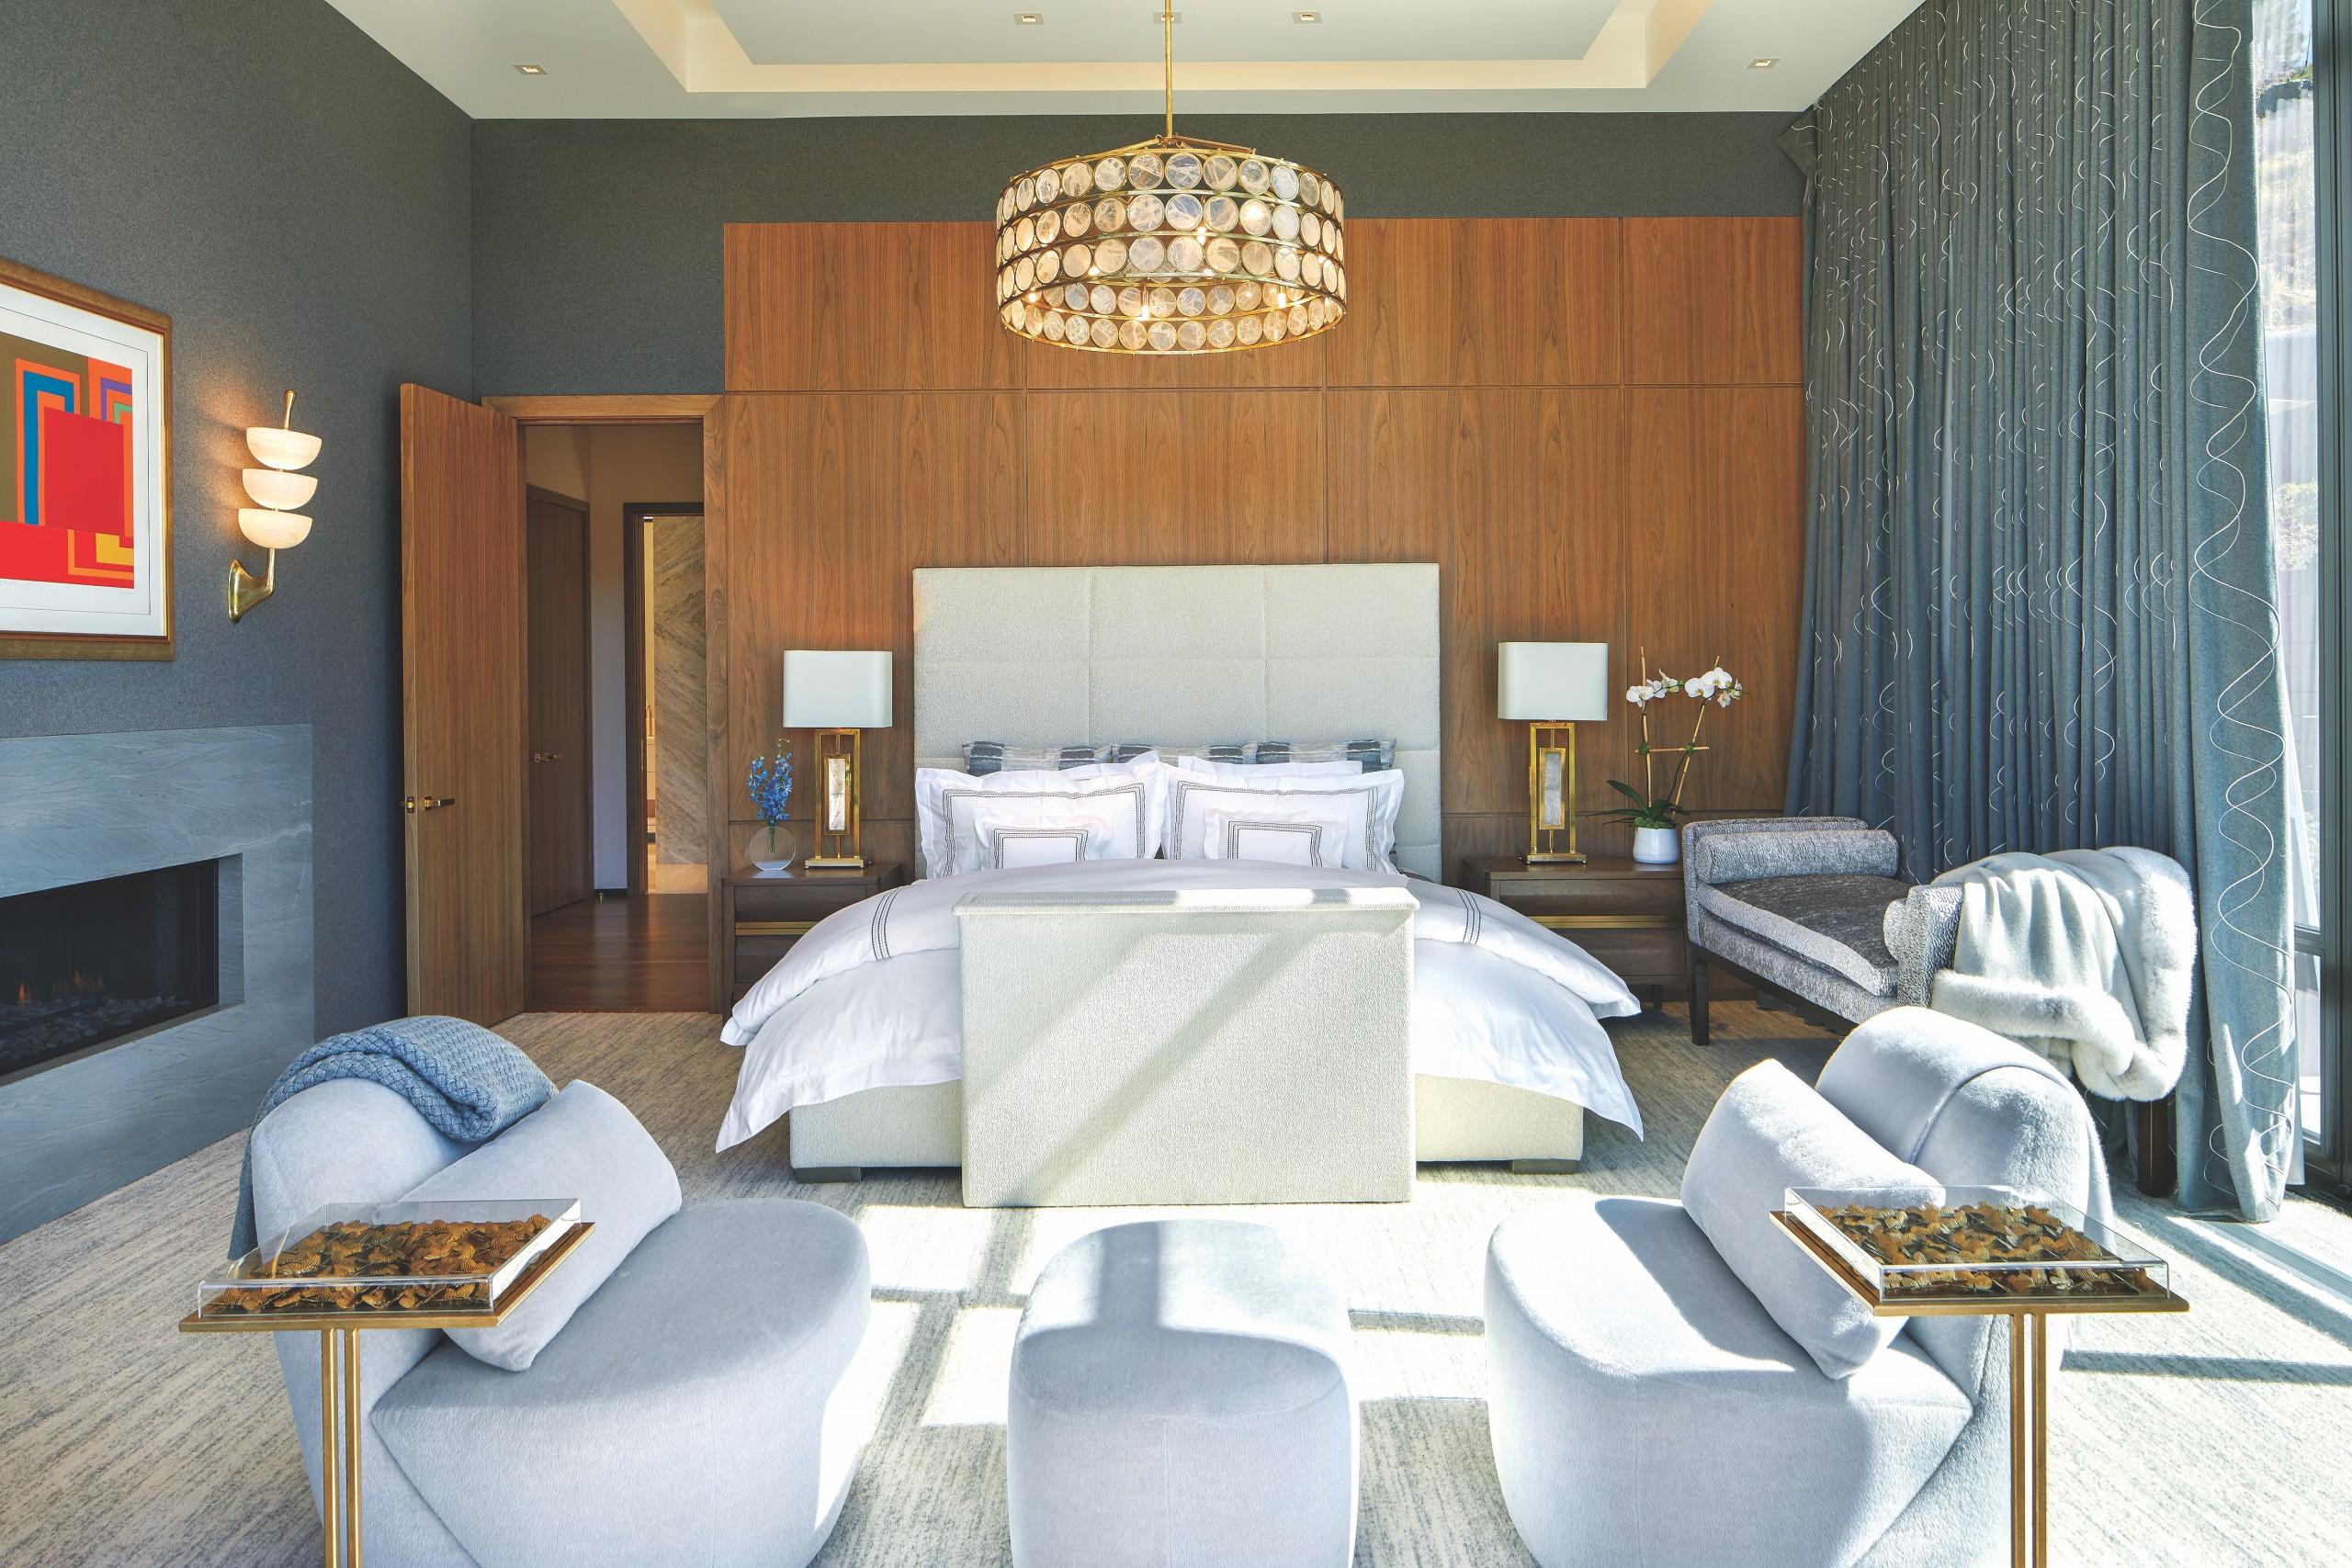 Hoty Bed